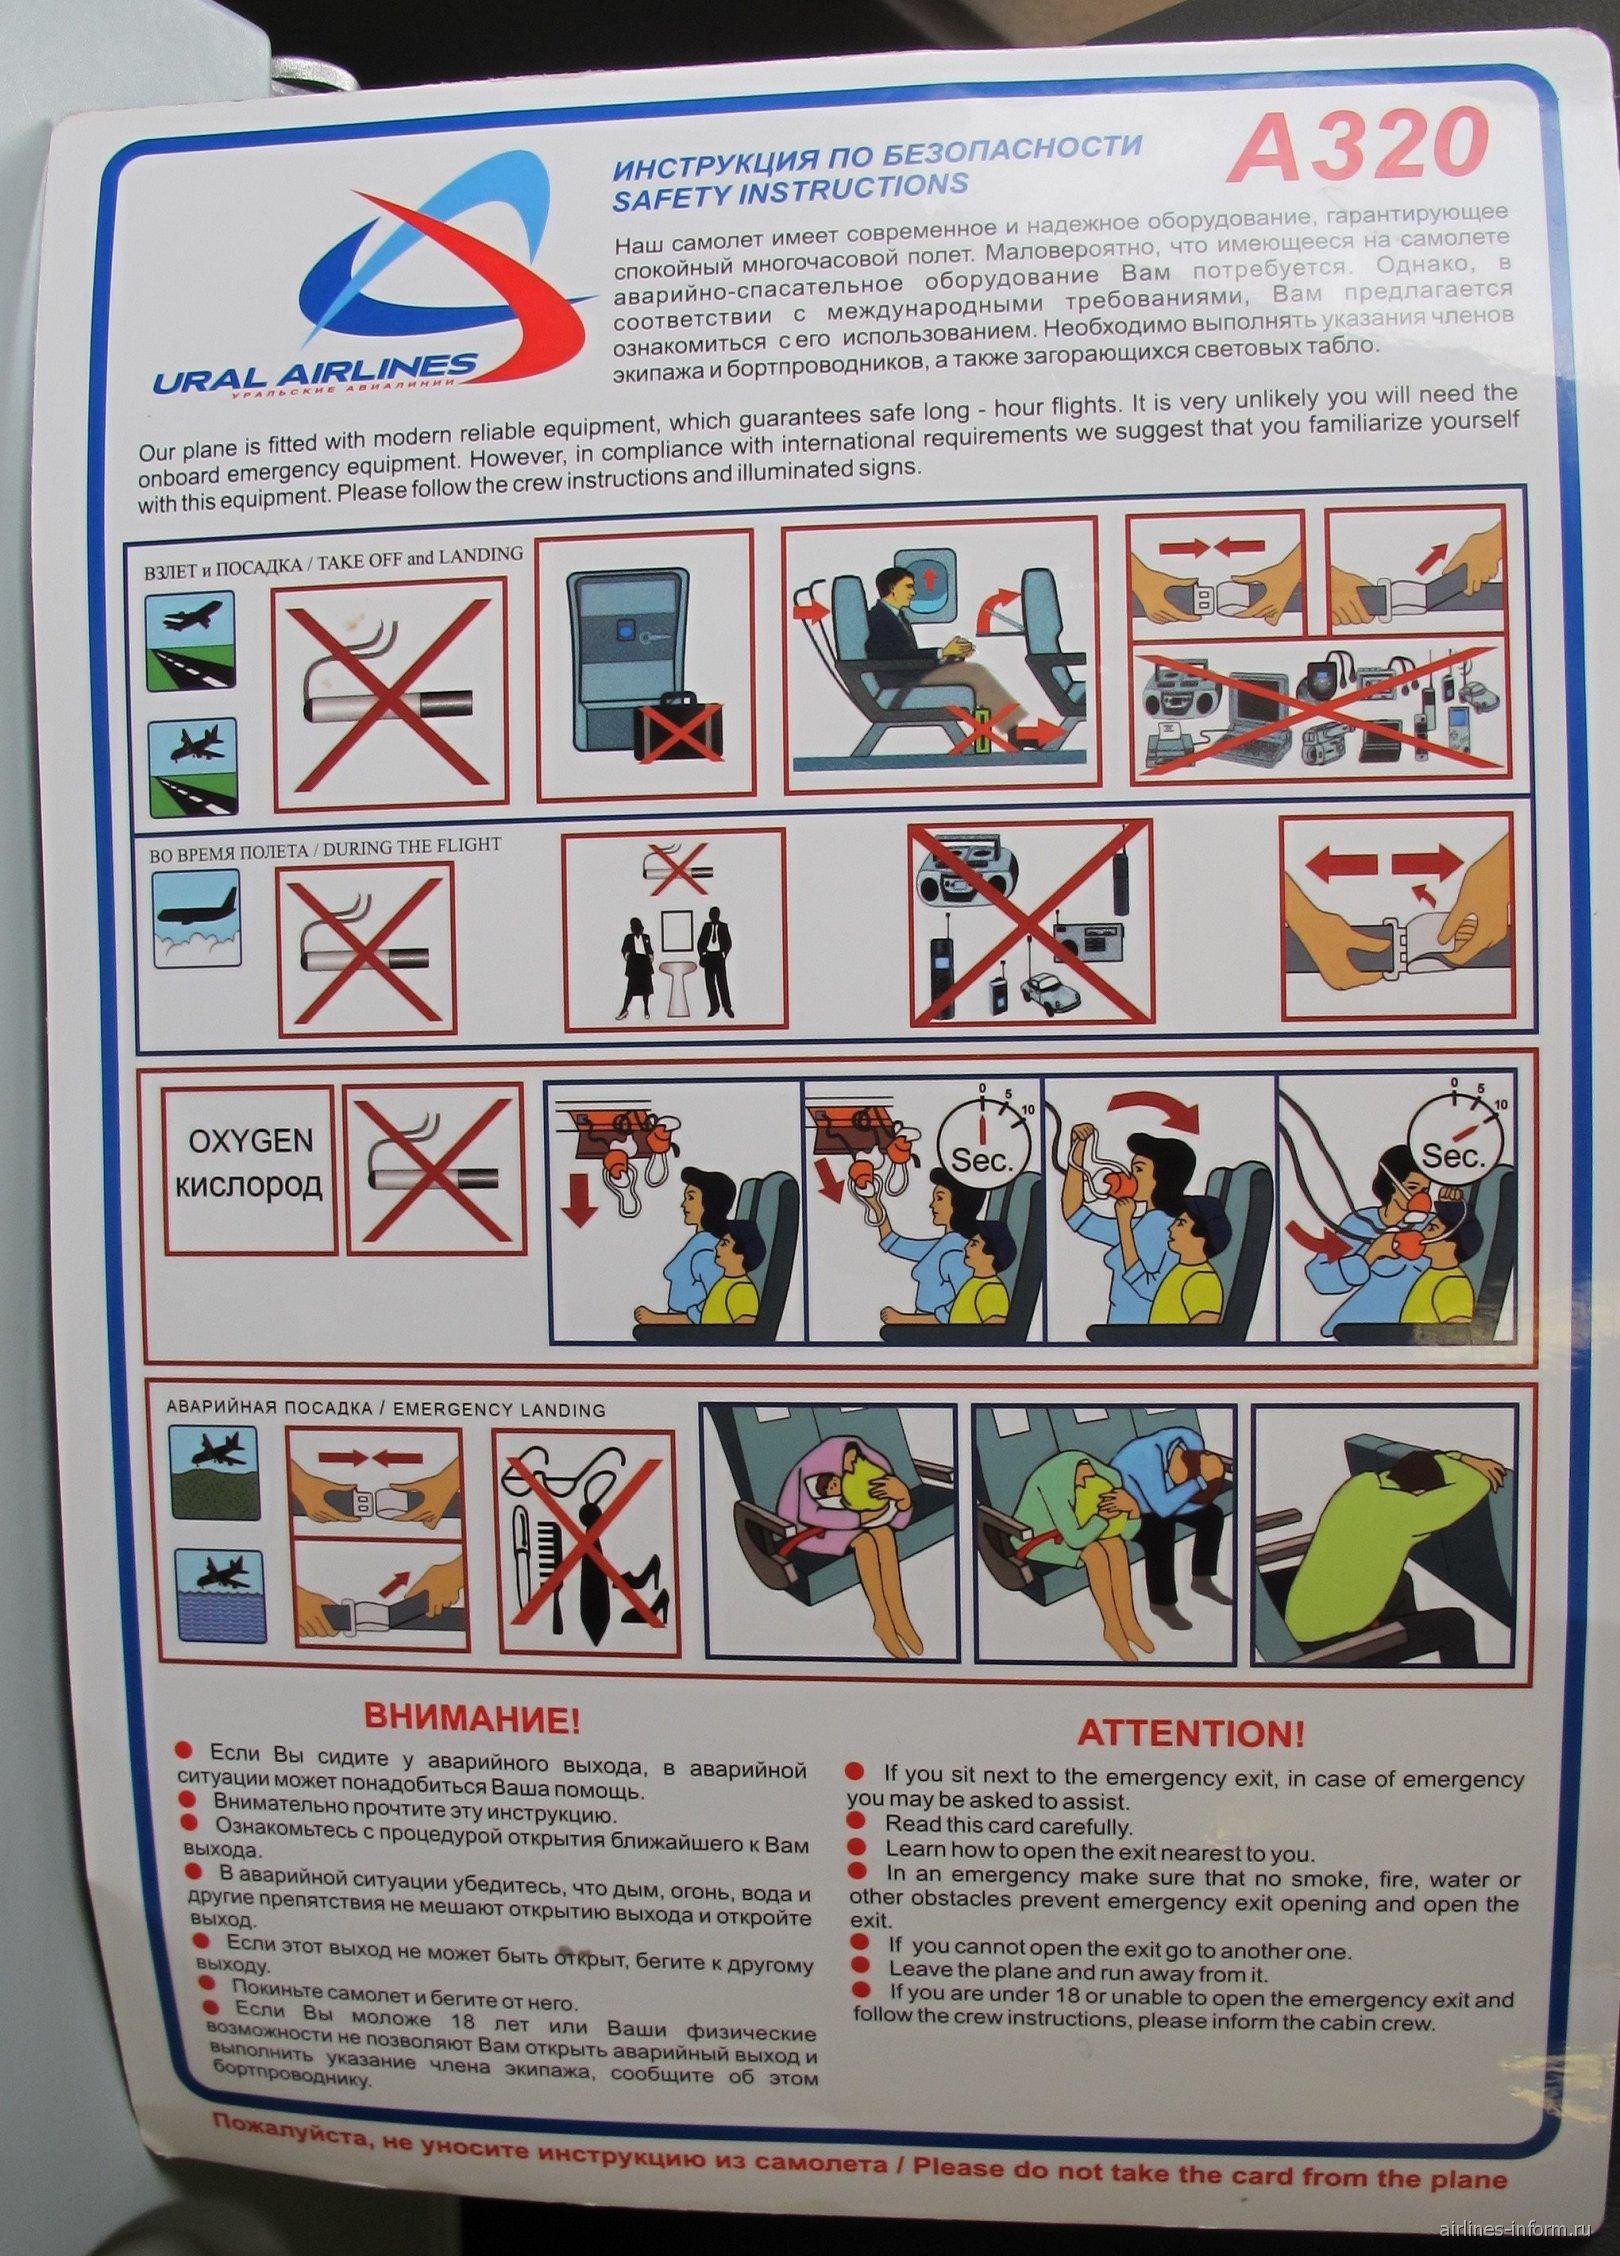 Инструкция по безопасности Уральских авиалиний